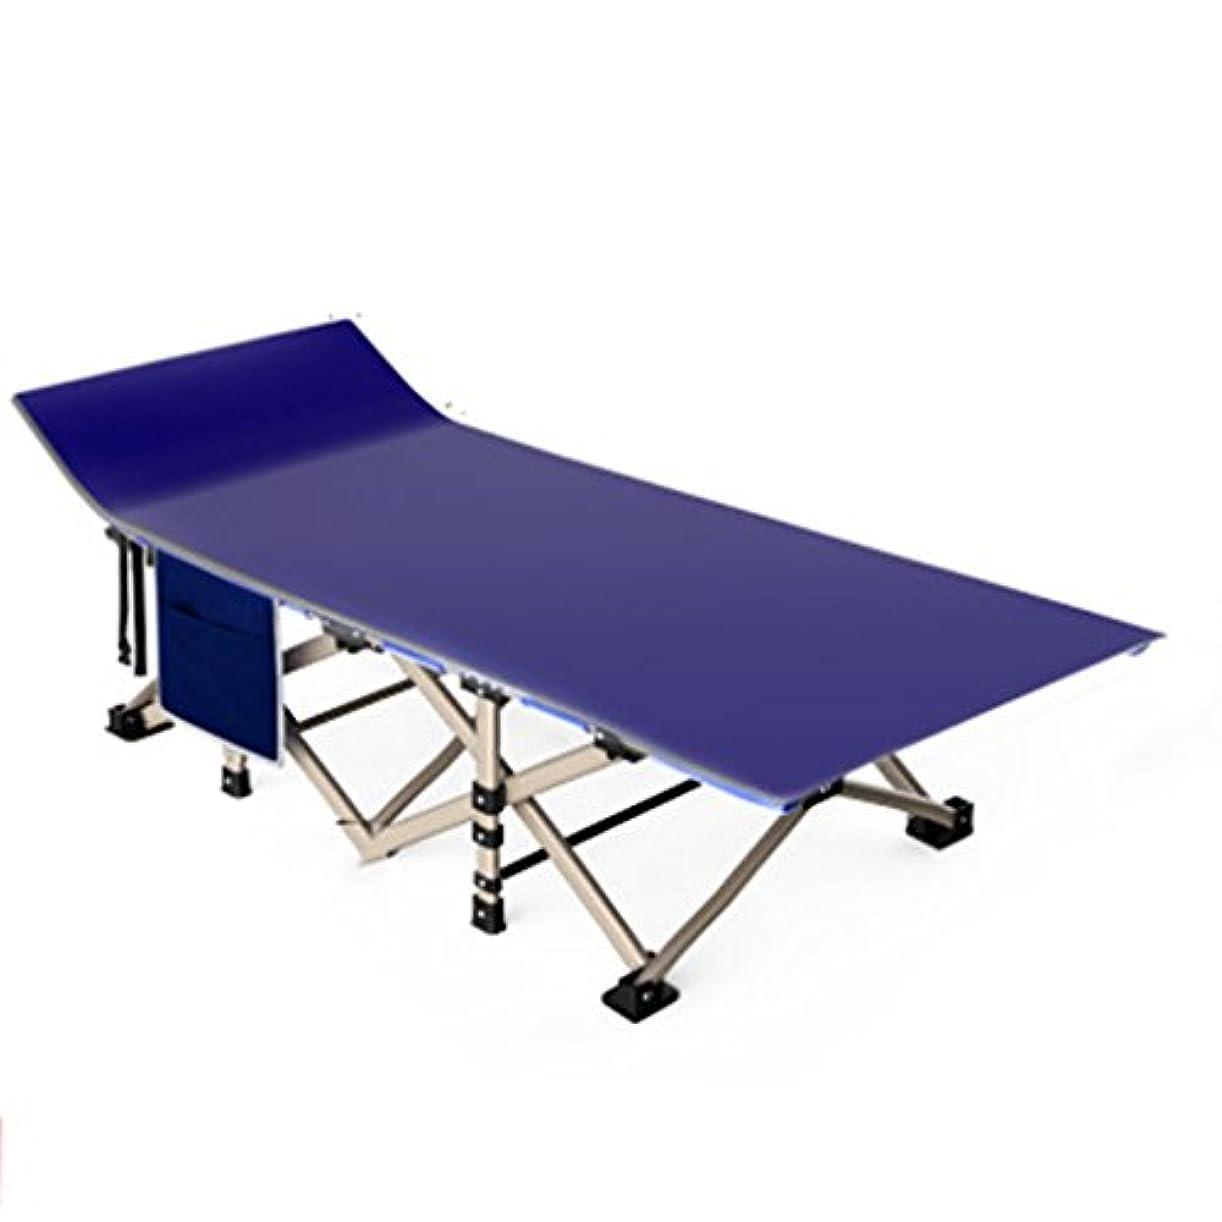 前文悪用弱点折りたたみ式ベッド 屋外折りたたみベッドシングルベッドシエスタベッドシンプルな布ベッドキャンプベッドベッド同伴190 * 67 * 35センチメートル (Color : Blue)